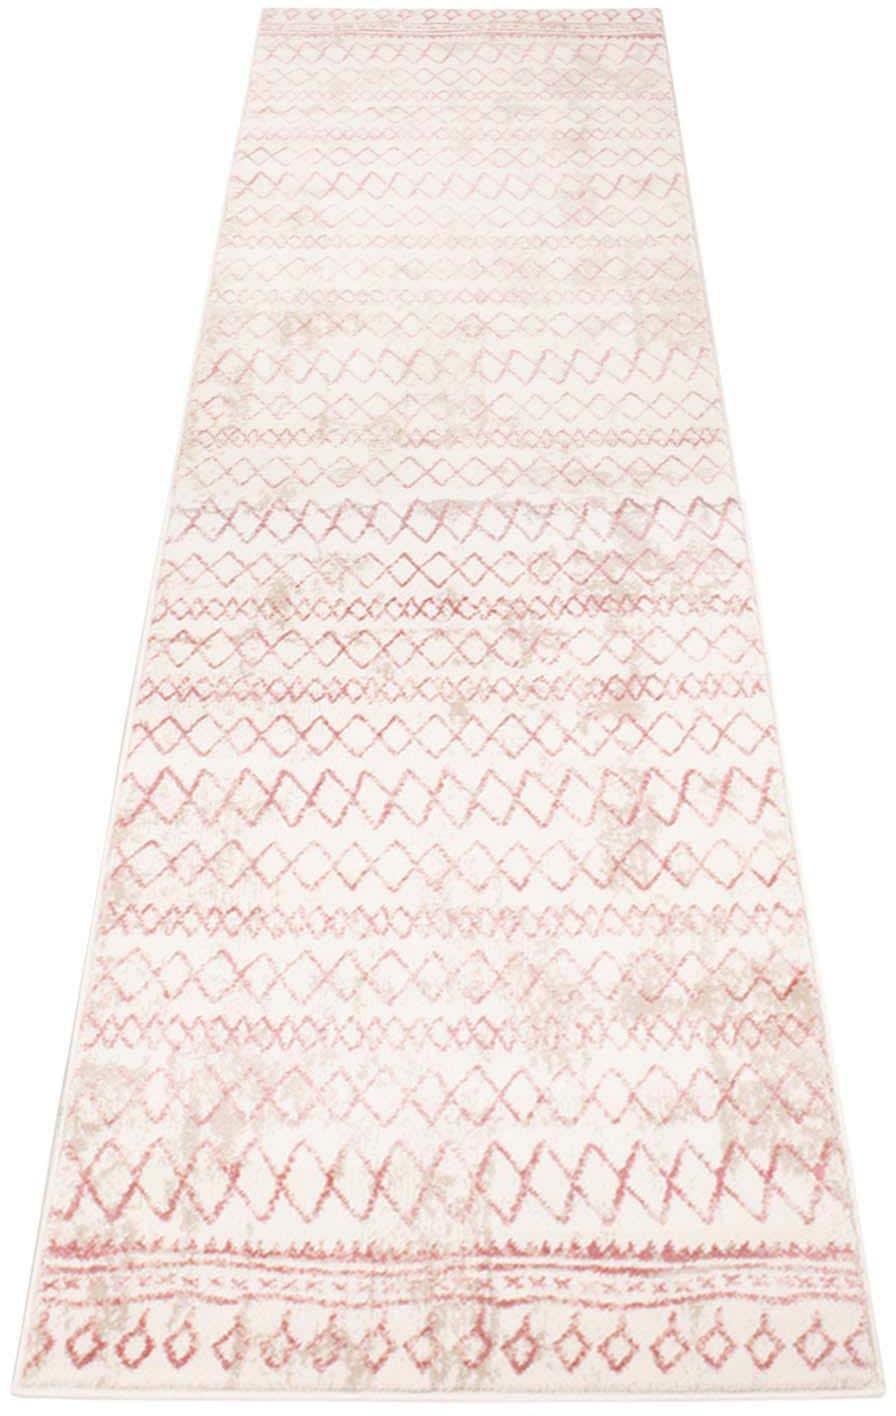 Läufer Inspiration 7547 Carpet City rechteckig Höhe 11 mm maschinell gewebt